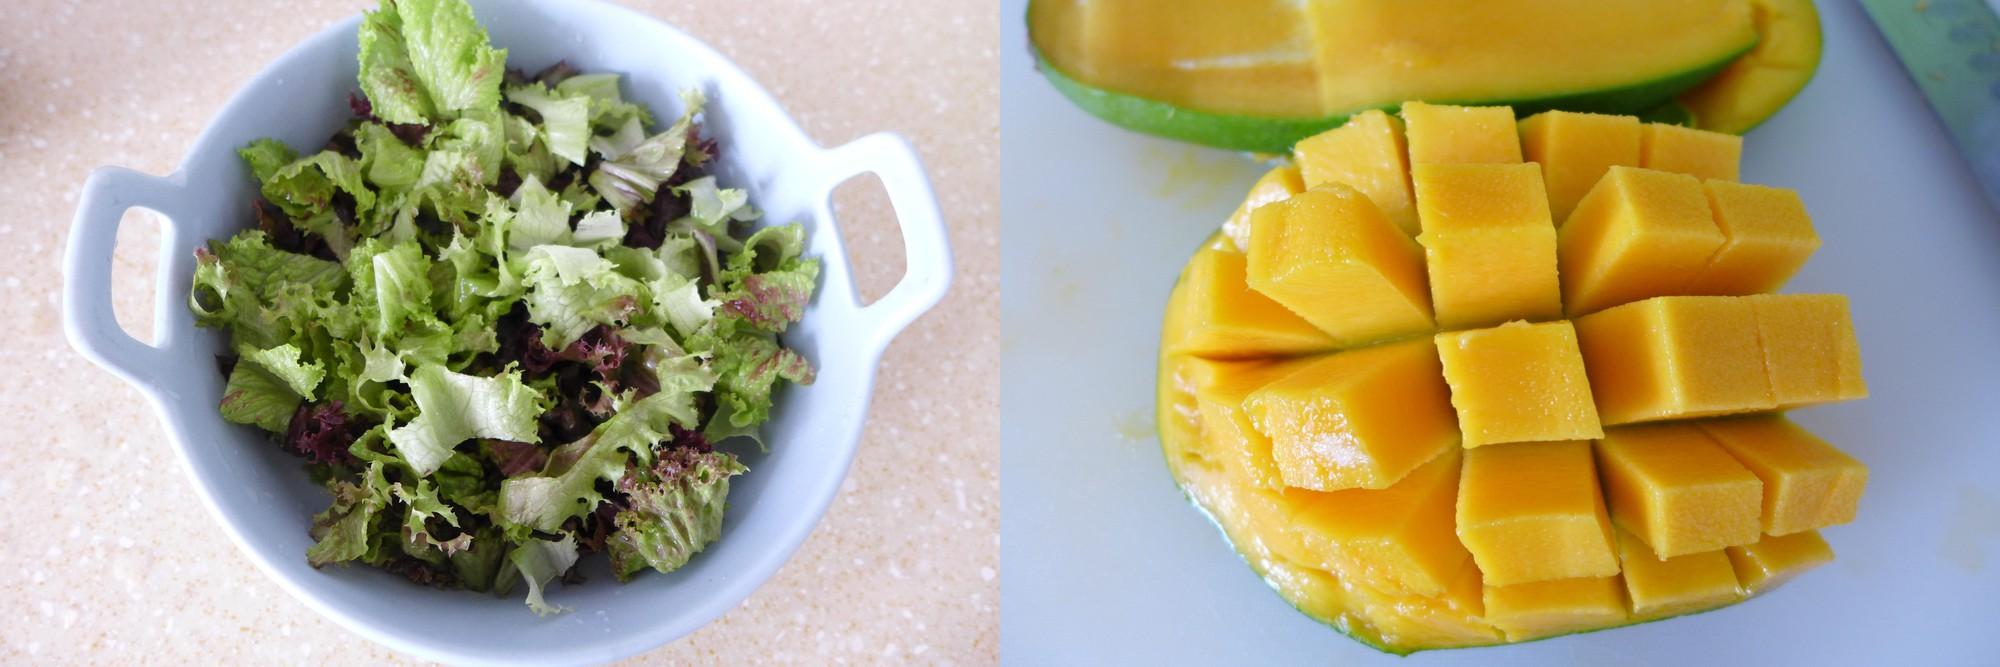 Salad tôm xoài - Ảnh 2.